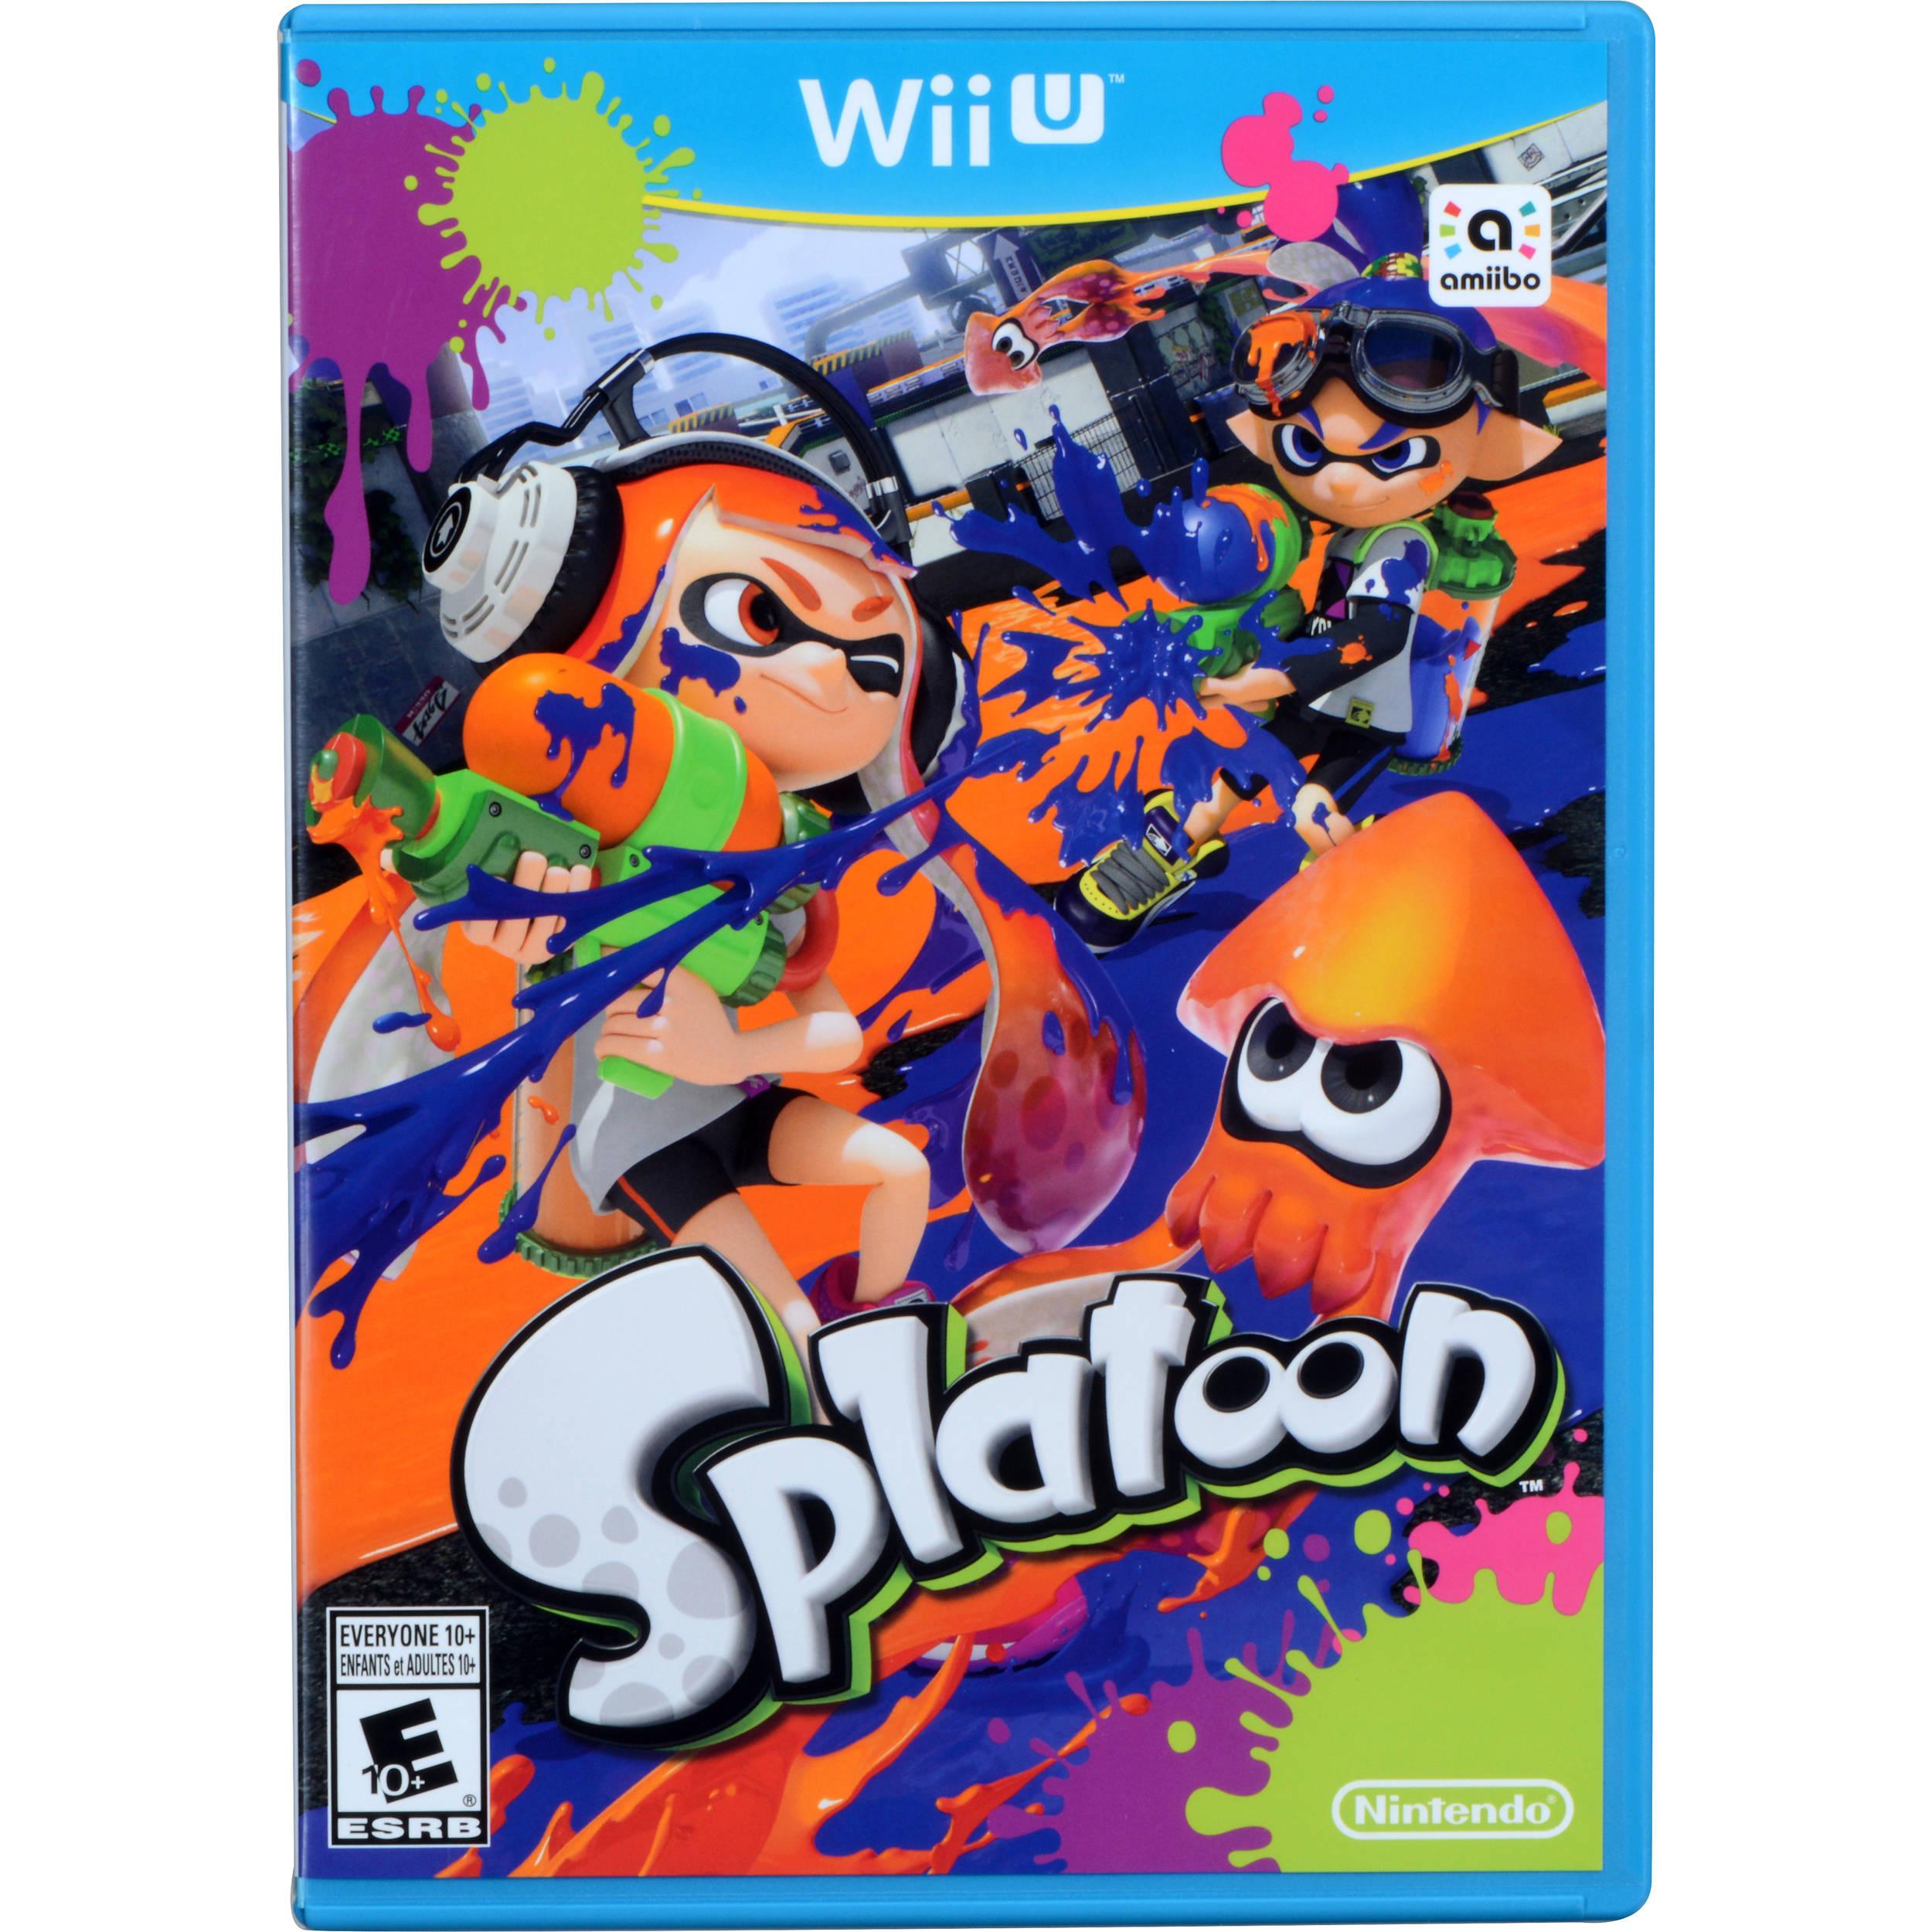 Splatoon - Wii U Game Details, Wiki, Versions  |Splatoon Wii